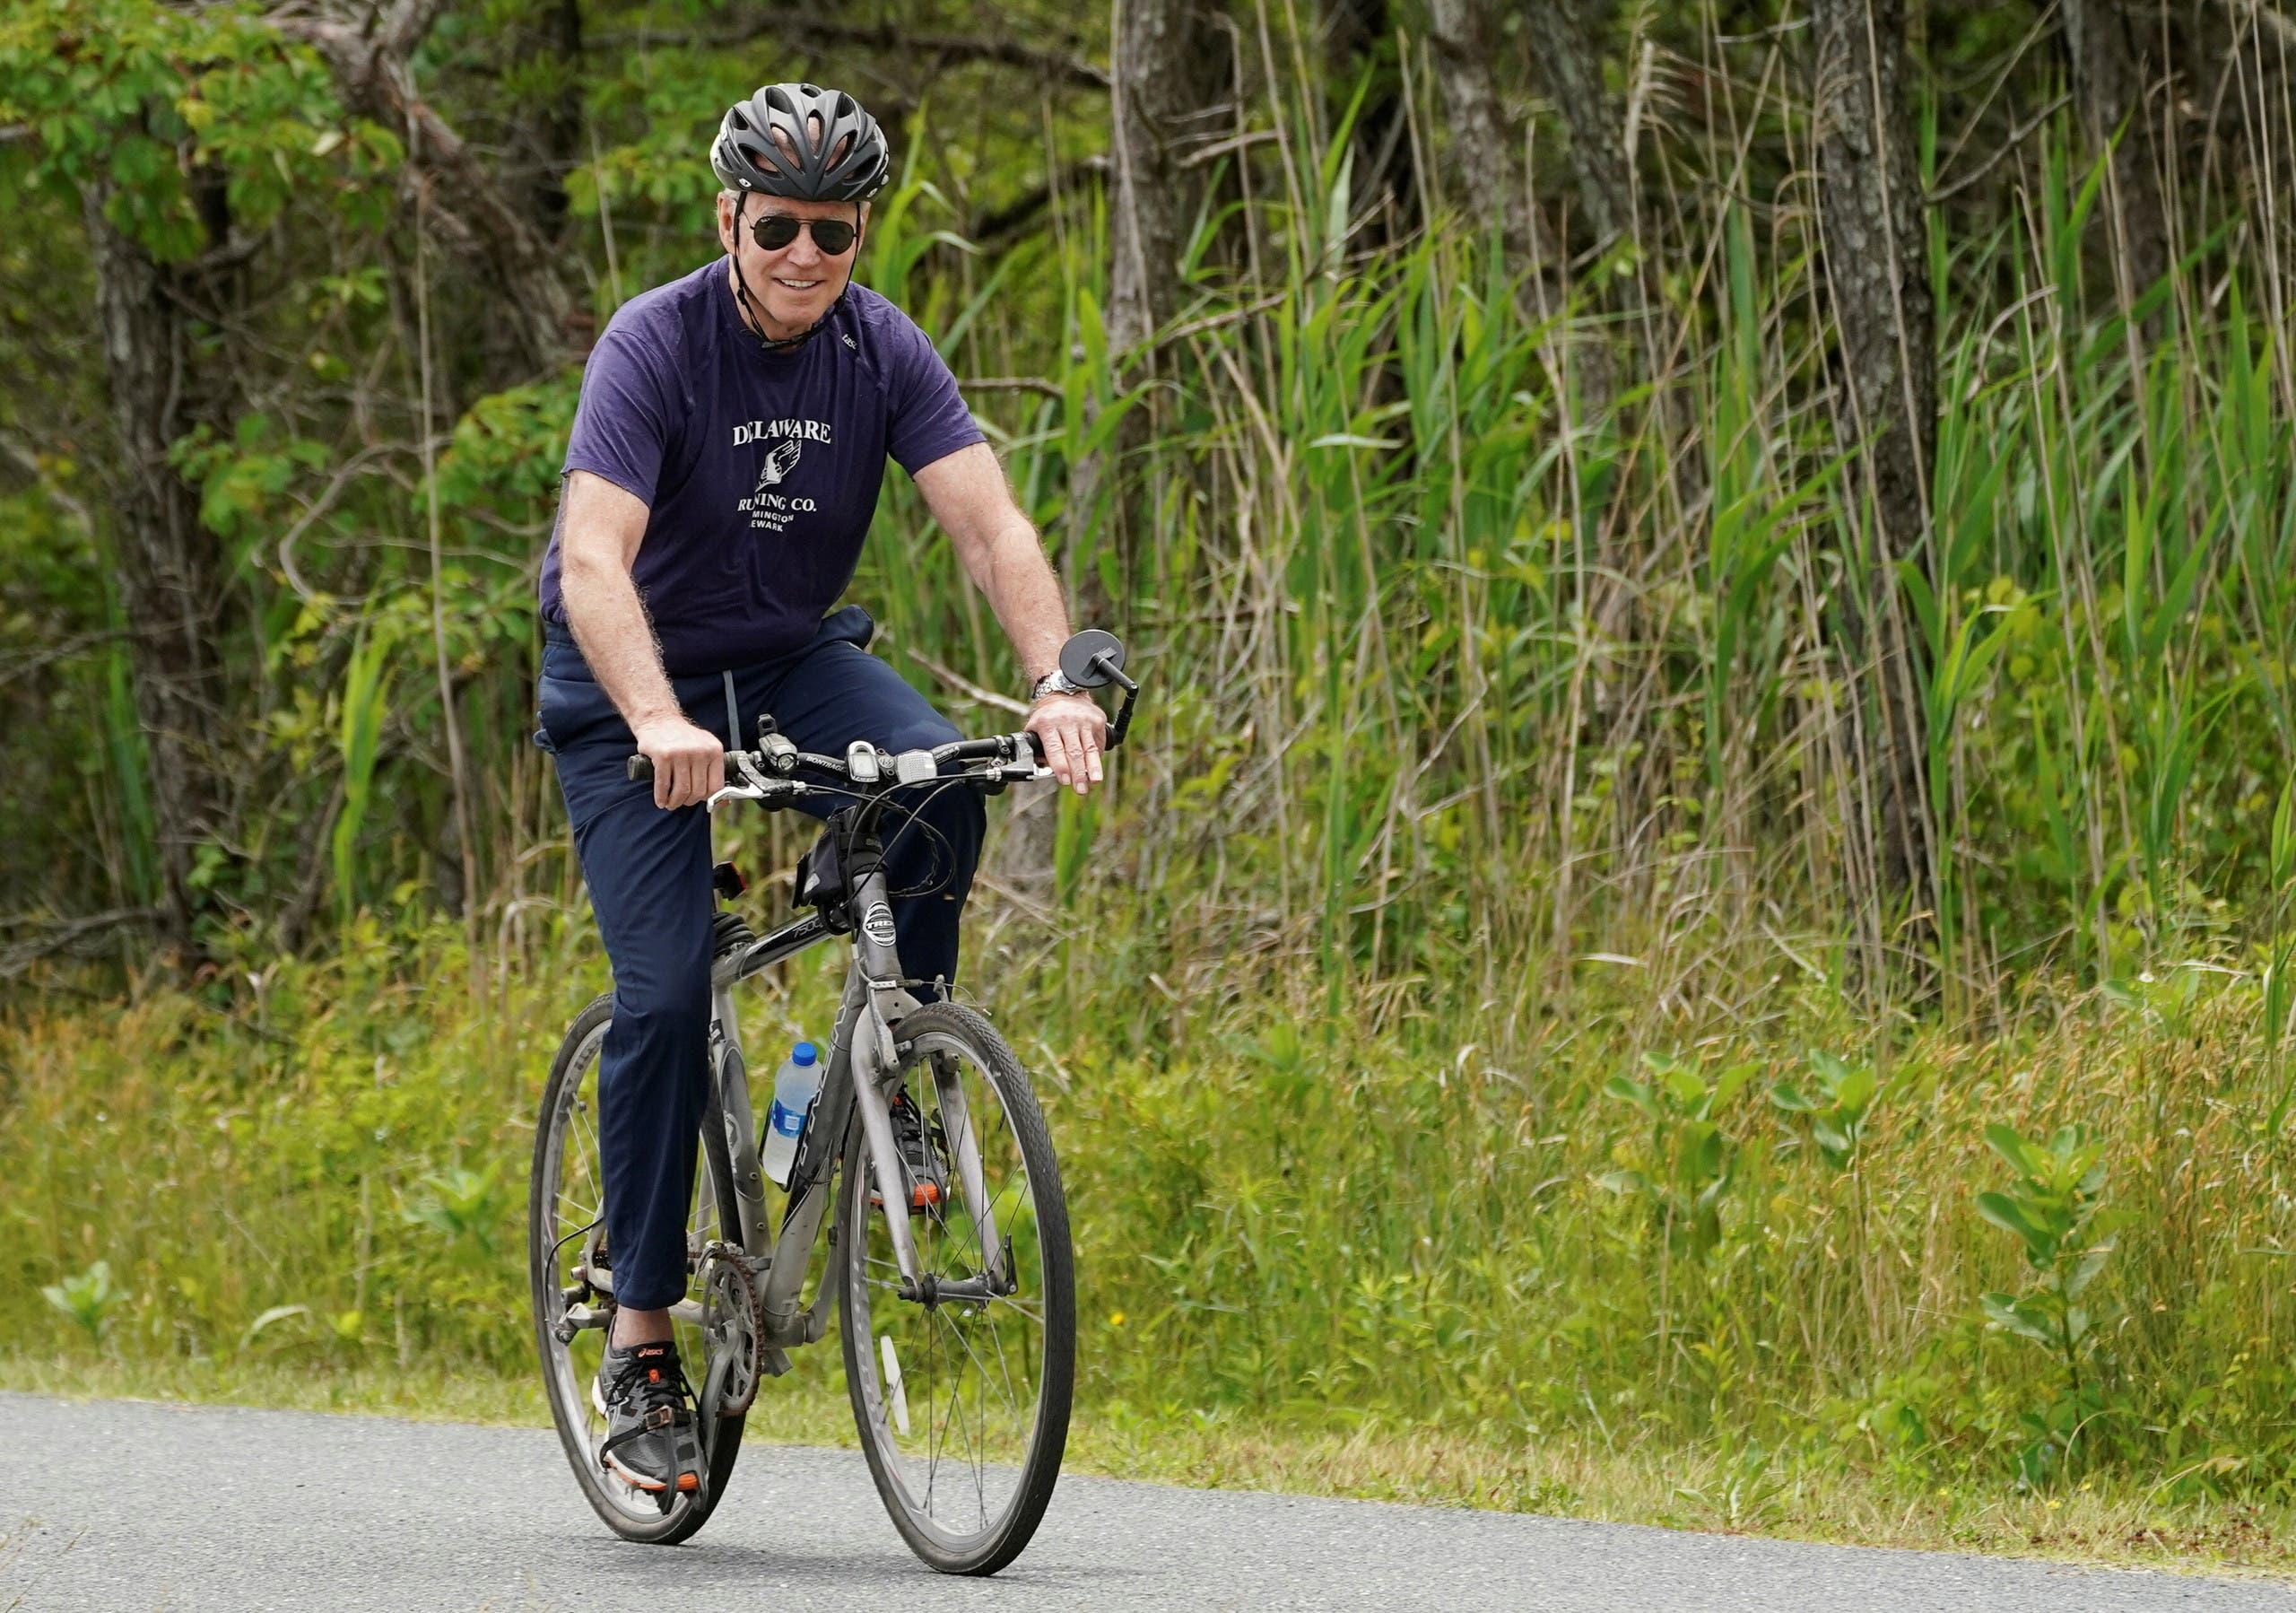 جو وجيل بايدن خلال النزهة على الدراجات الهوائية